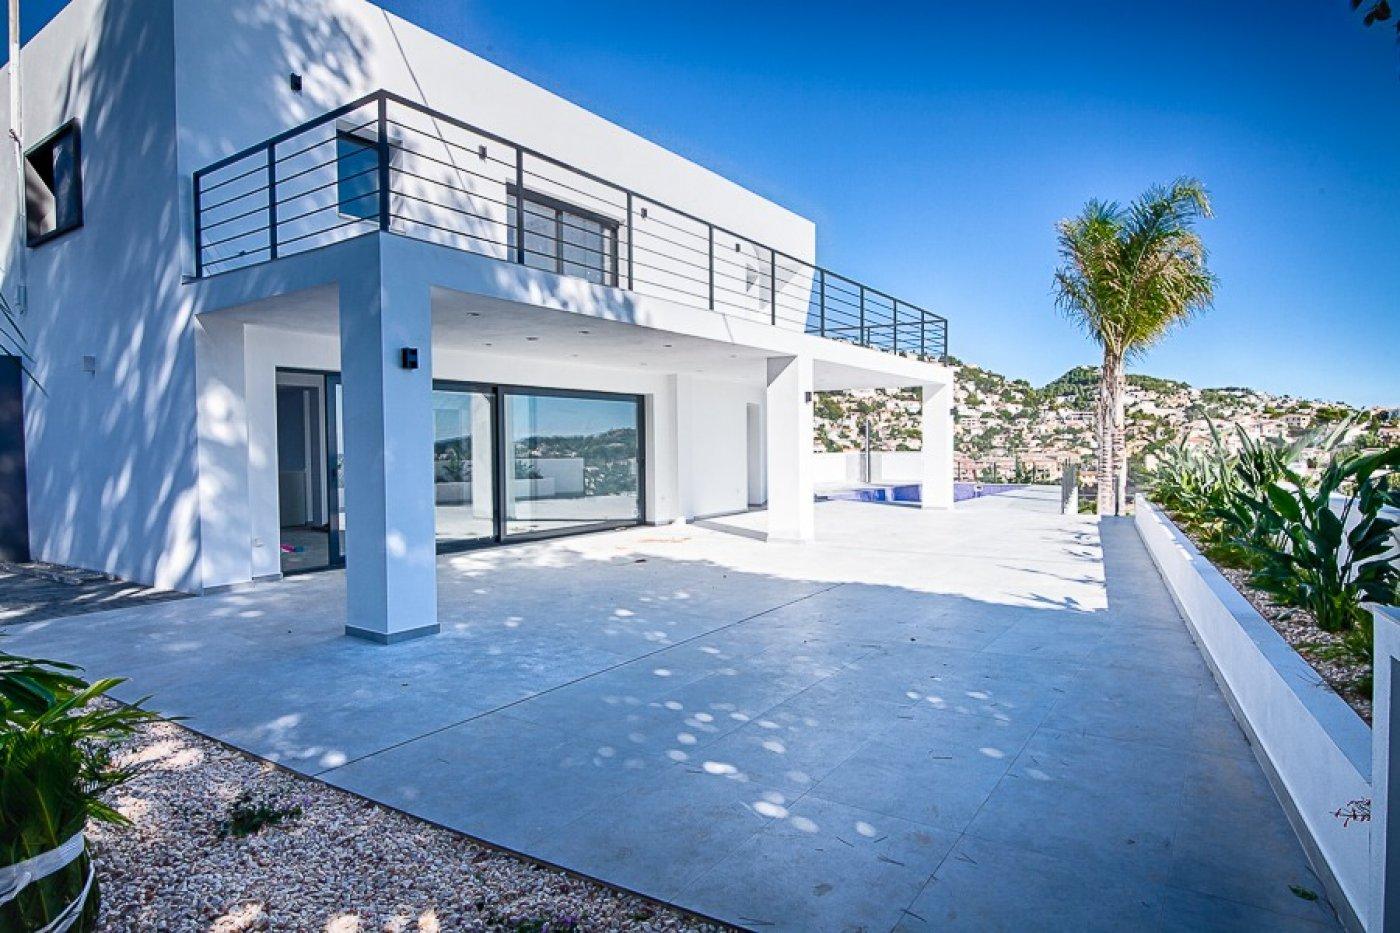 Villa - Under Construction - Buenavista - Benissa